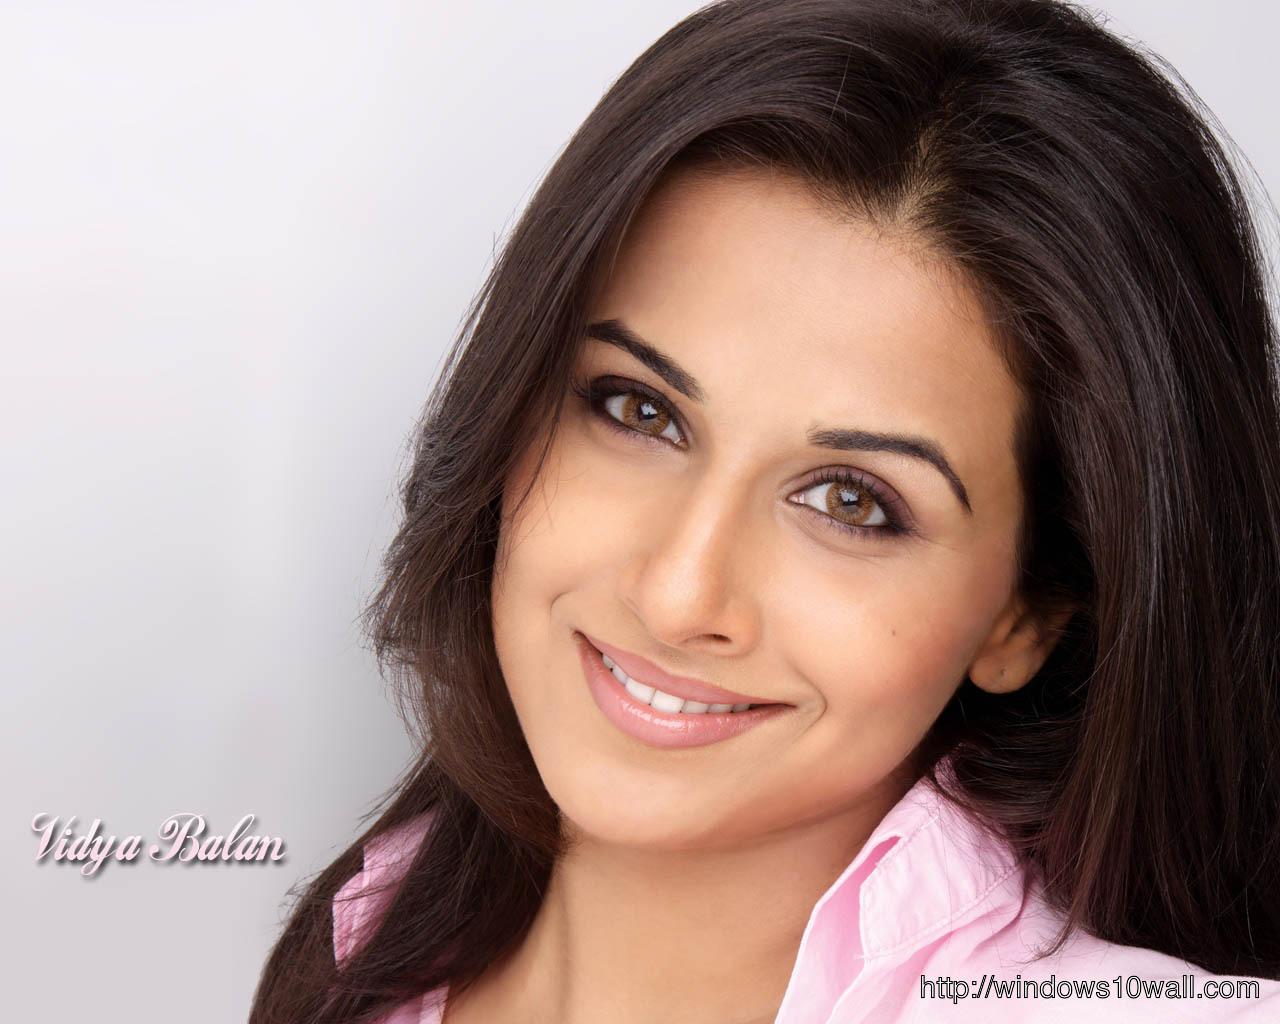 Vidya Balan in Pink Background Wallpaper